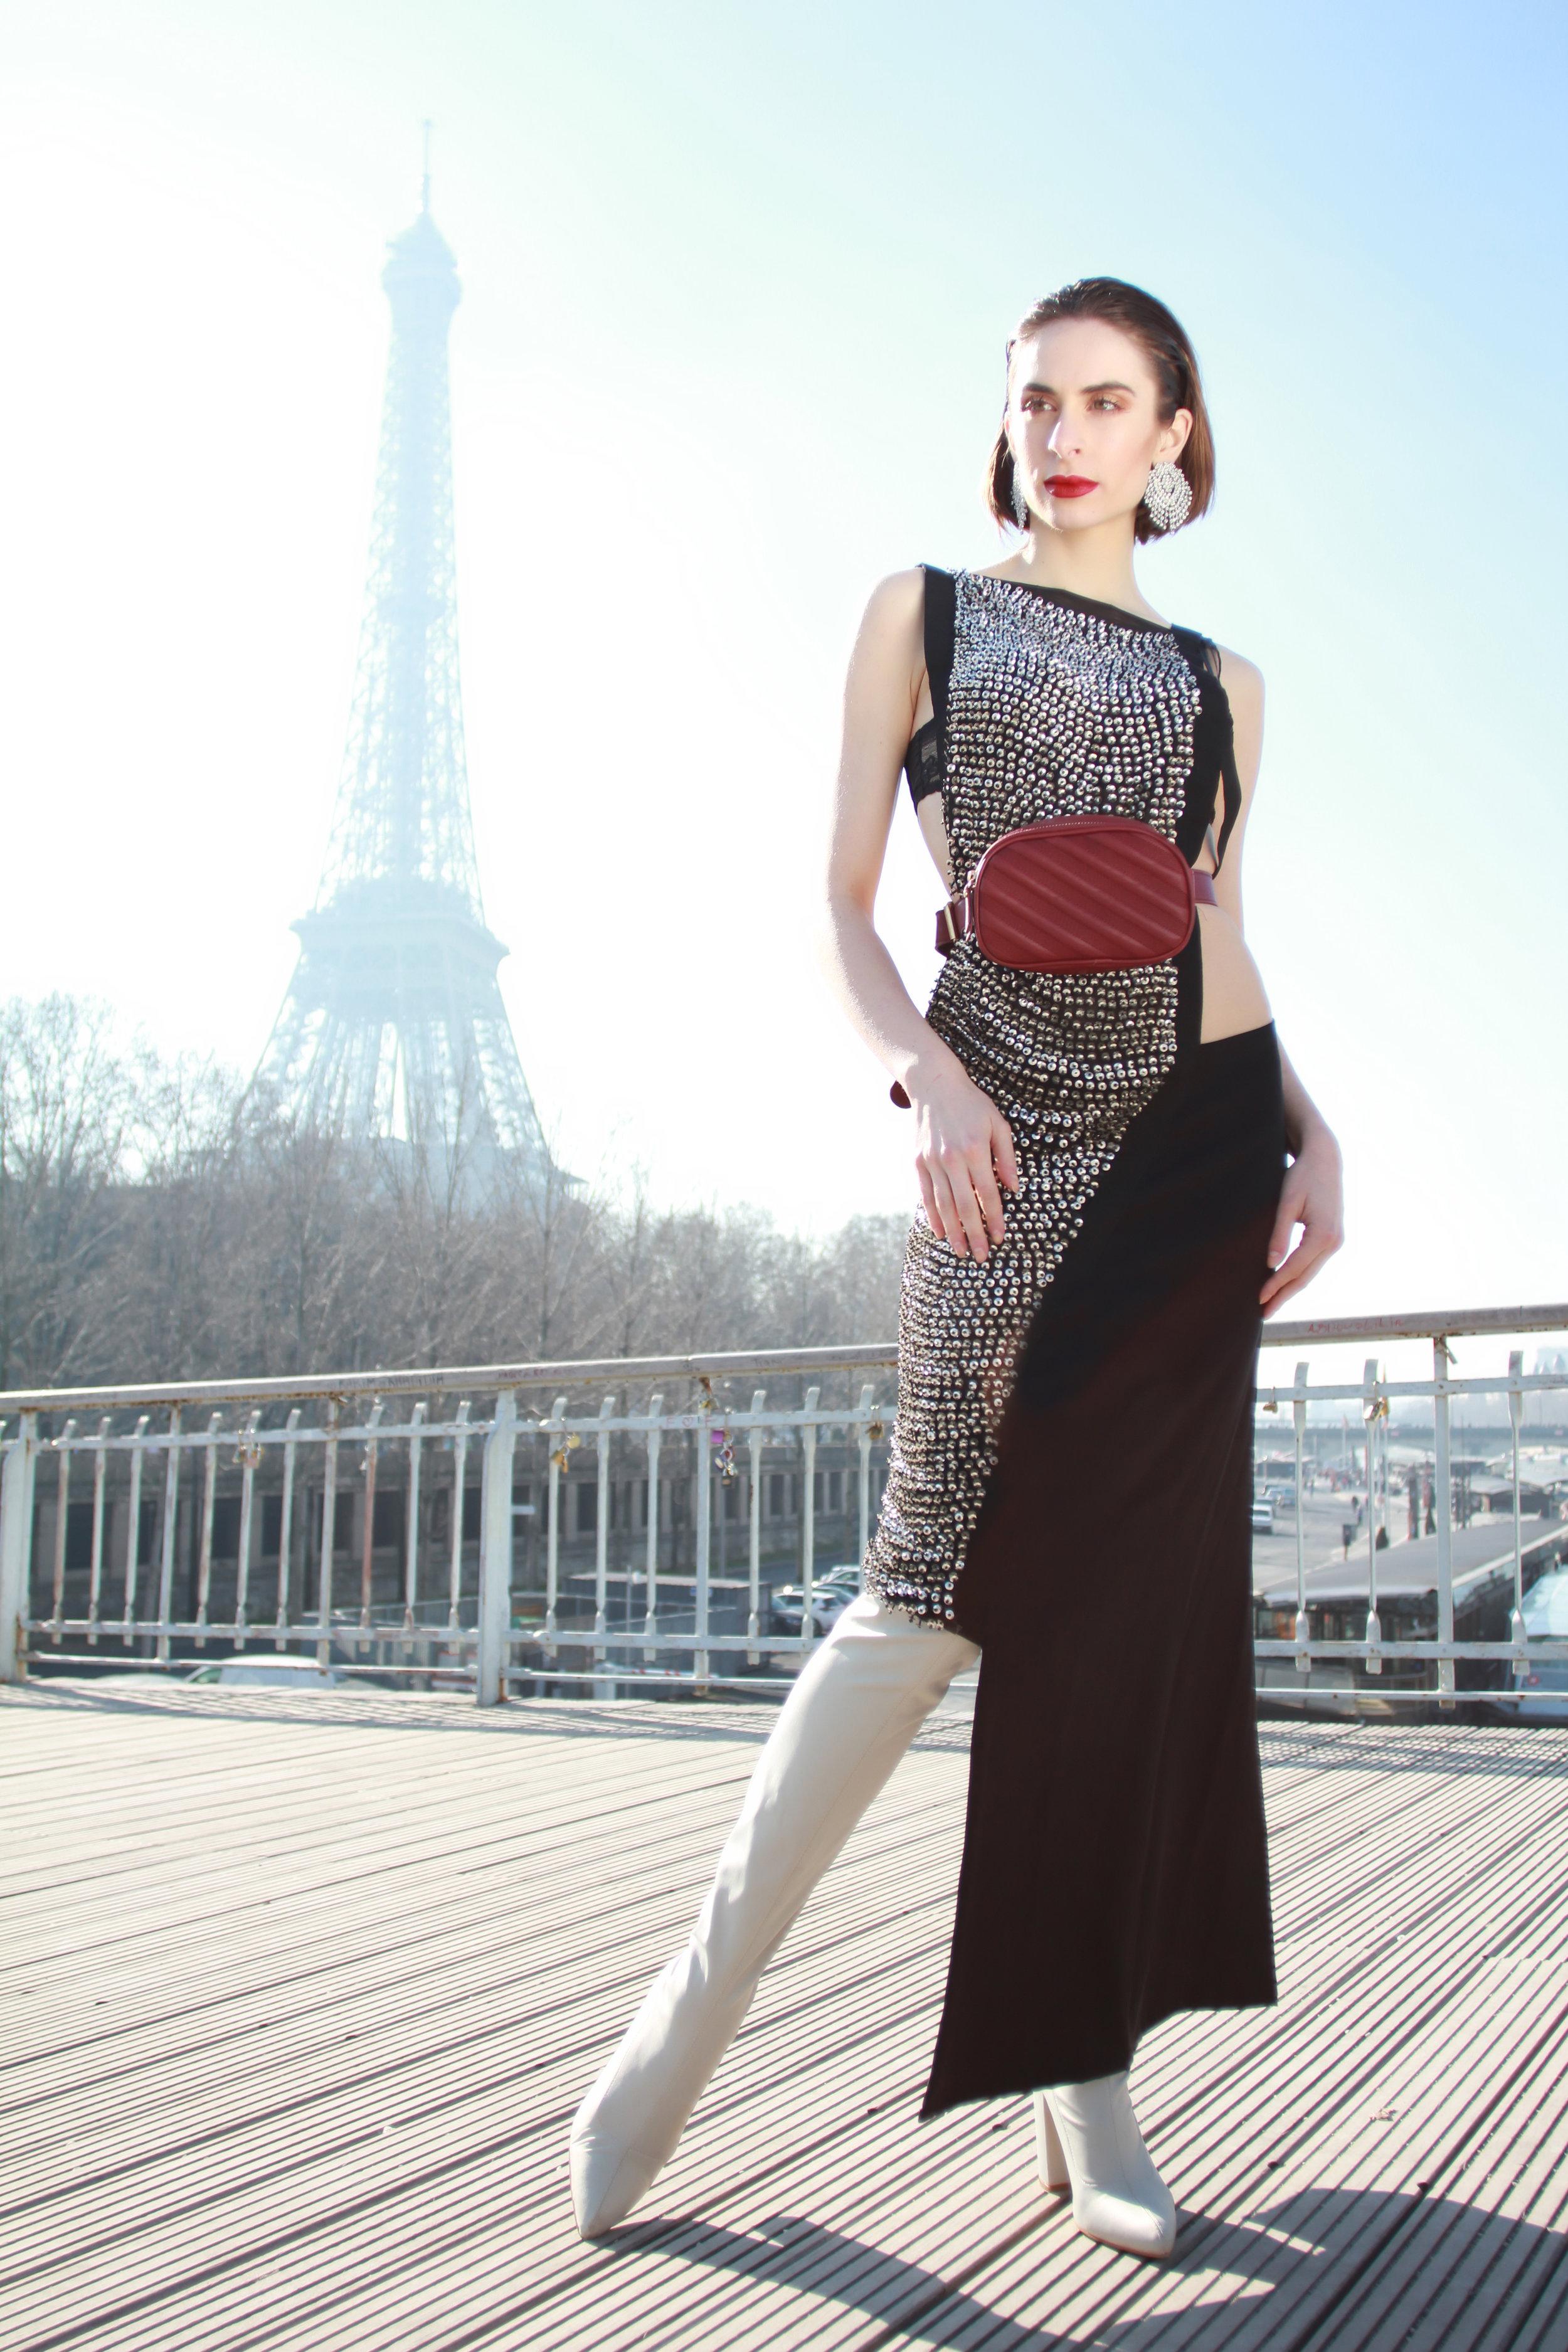 Dress : « The Uranie », Moira Cristescu  Boots : Stuart Weitzman  Bag : Michael Kors  Earring : Marina de Kent